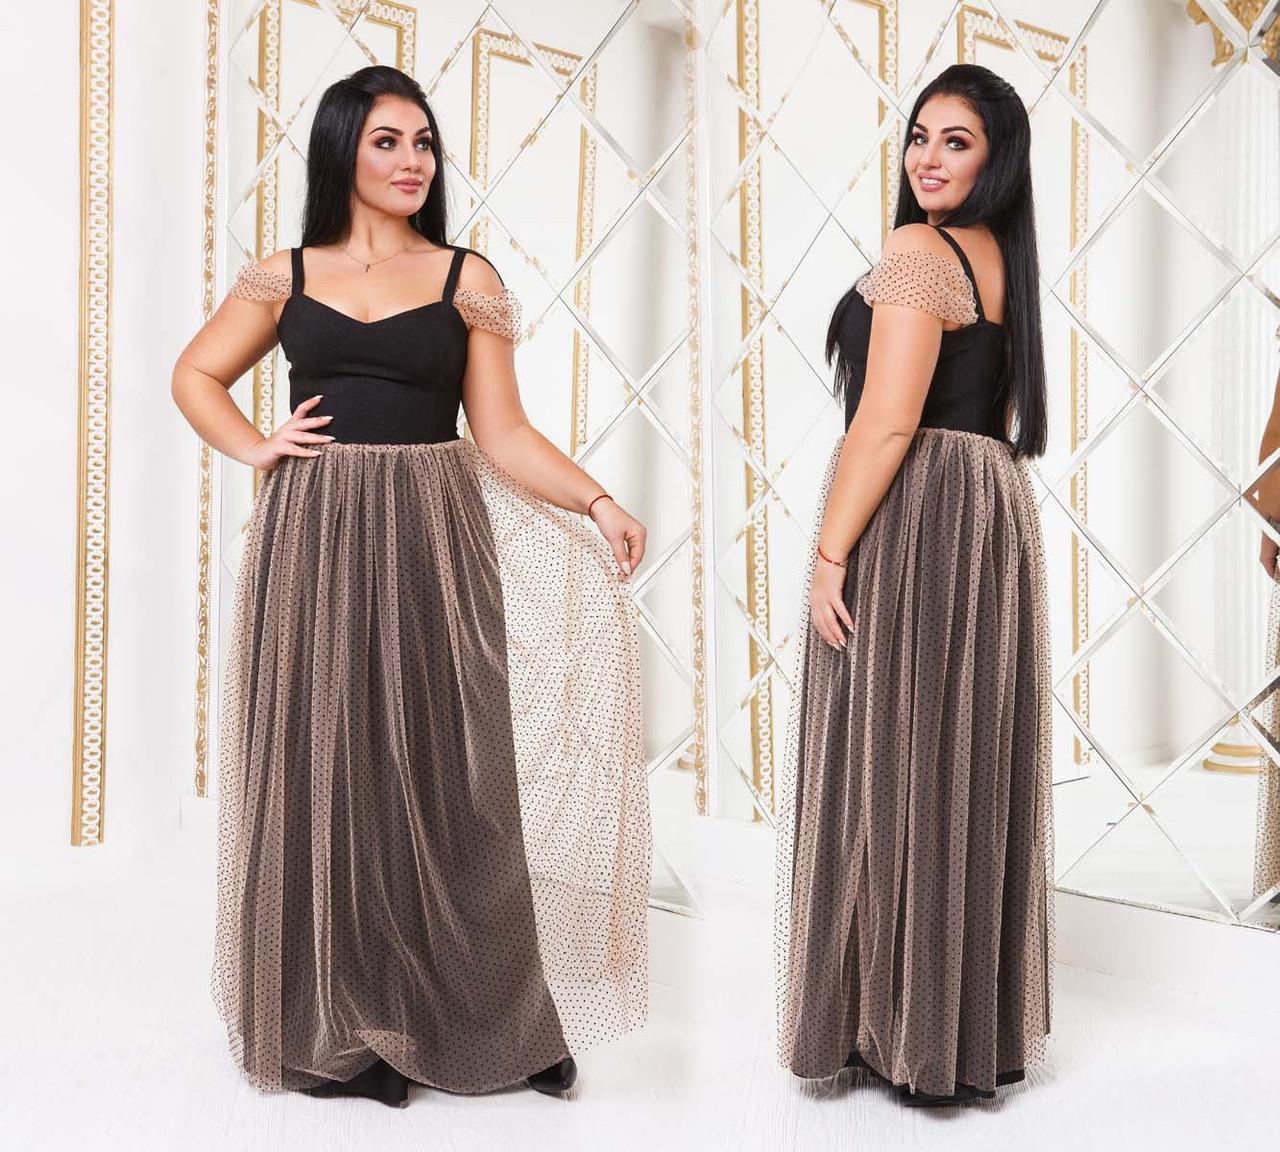 """Женское вечернее платье в больших размерах """"Бюстье Дубаи Сетка Горошек Макси"""" в расцветках (DG-р41192)"""